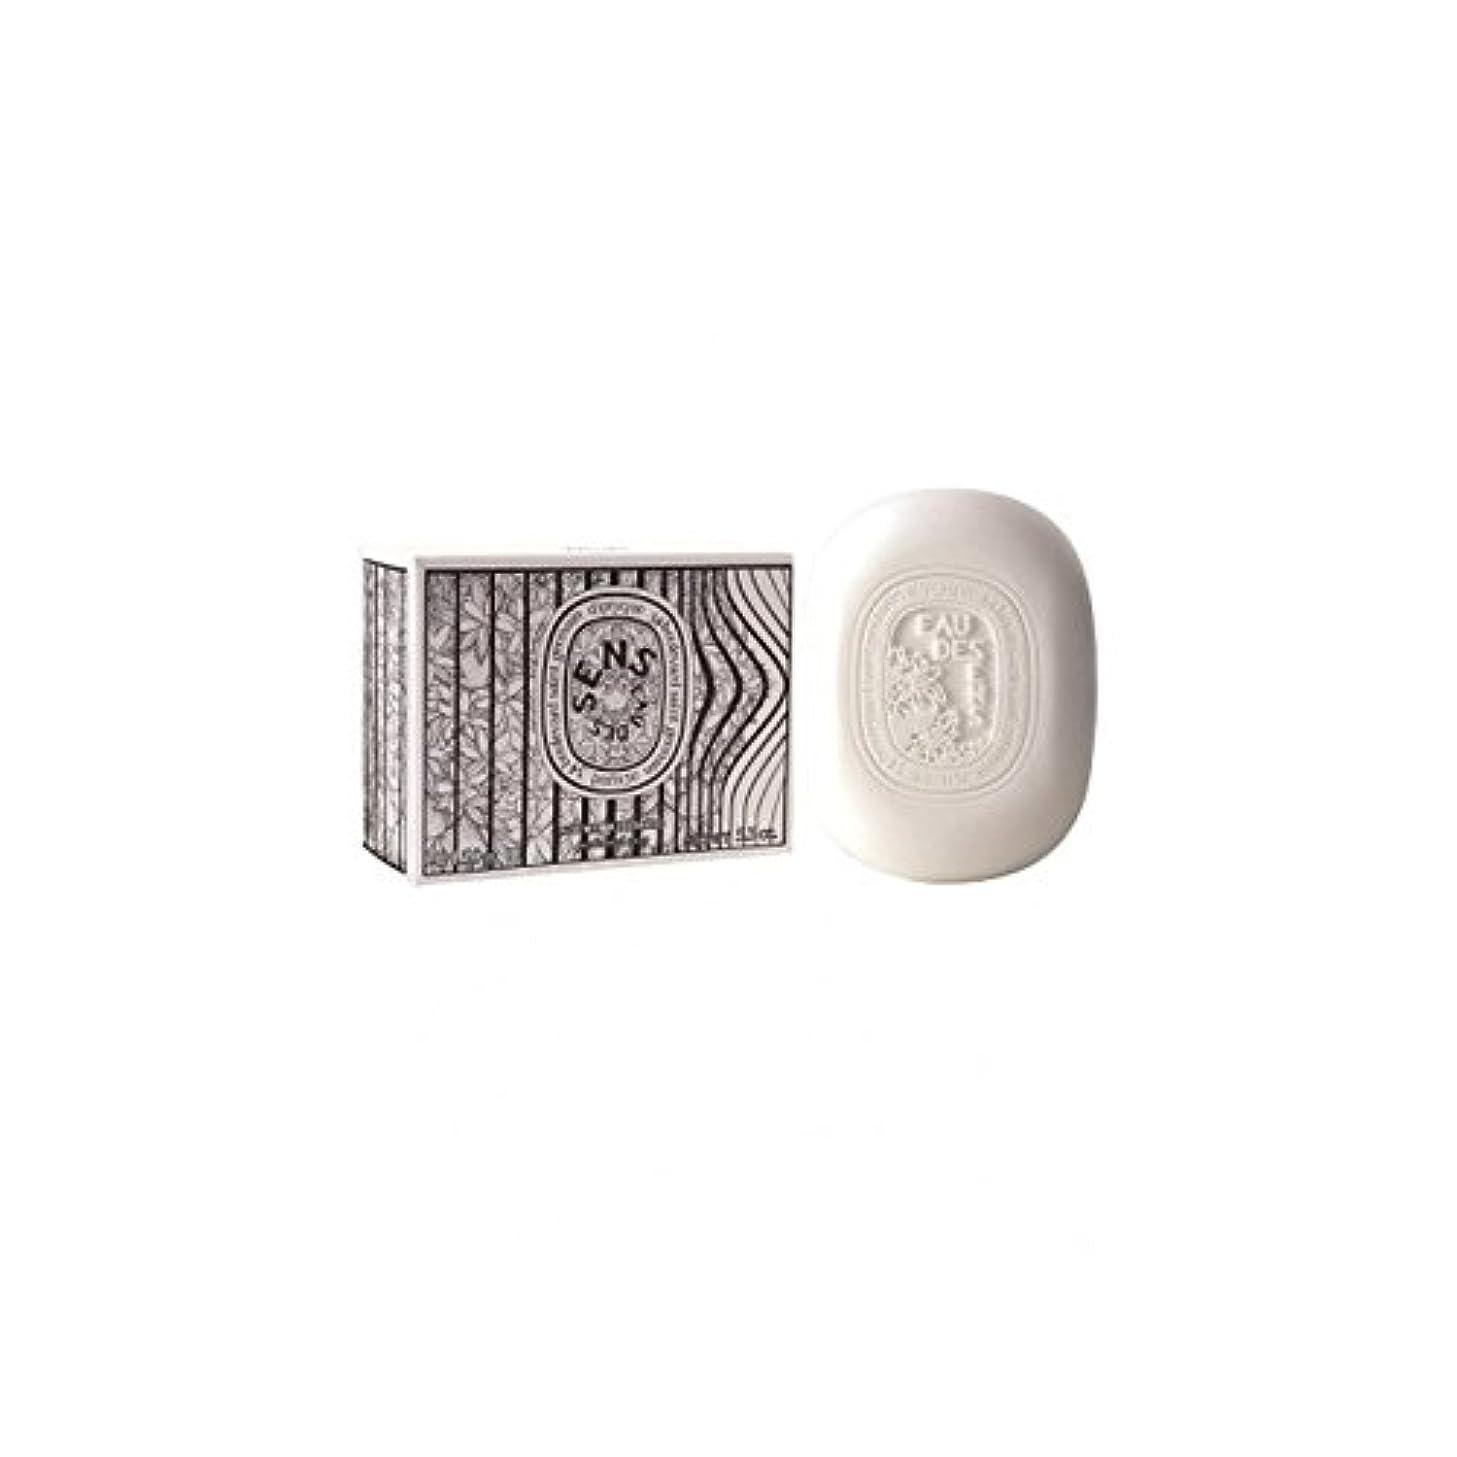 無駄に贅沢な散歩Diptyqueのオーデは石鹸の150グラムをSens - Diptyque Eau Des Sens Soap 150g (Diptyque) [並行輸入品]